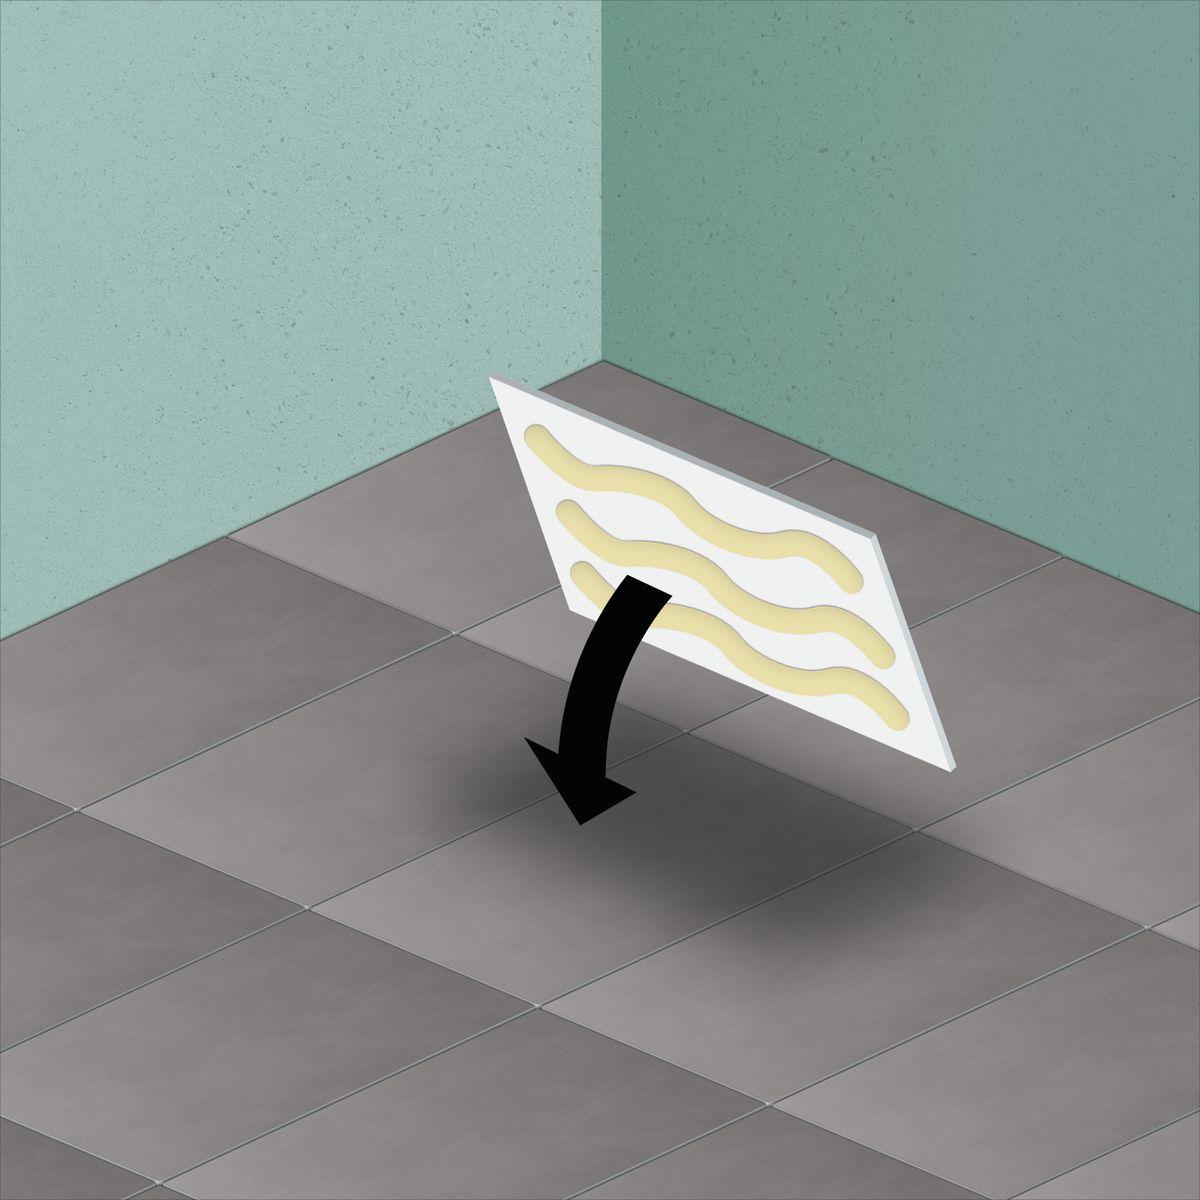 Pannelli copri piastrelle bagno img vernici per piastrelle bagno e coprire le piastrelle del - Pannelli copri piastrelle bagno ...